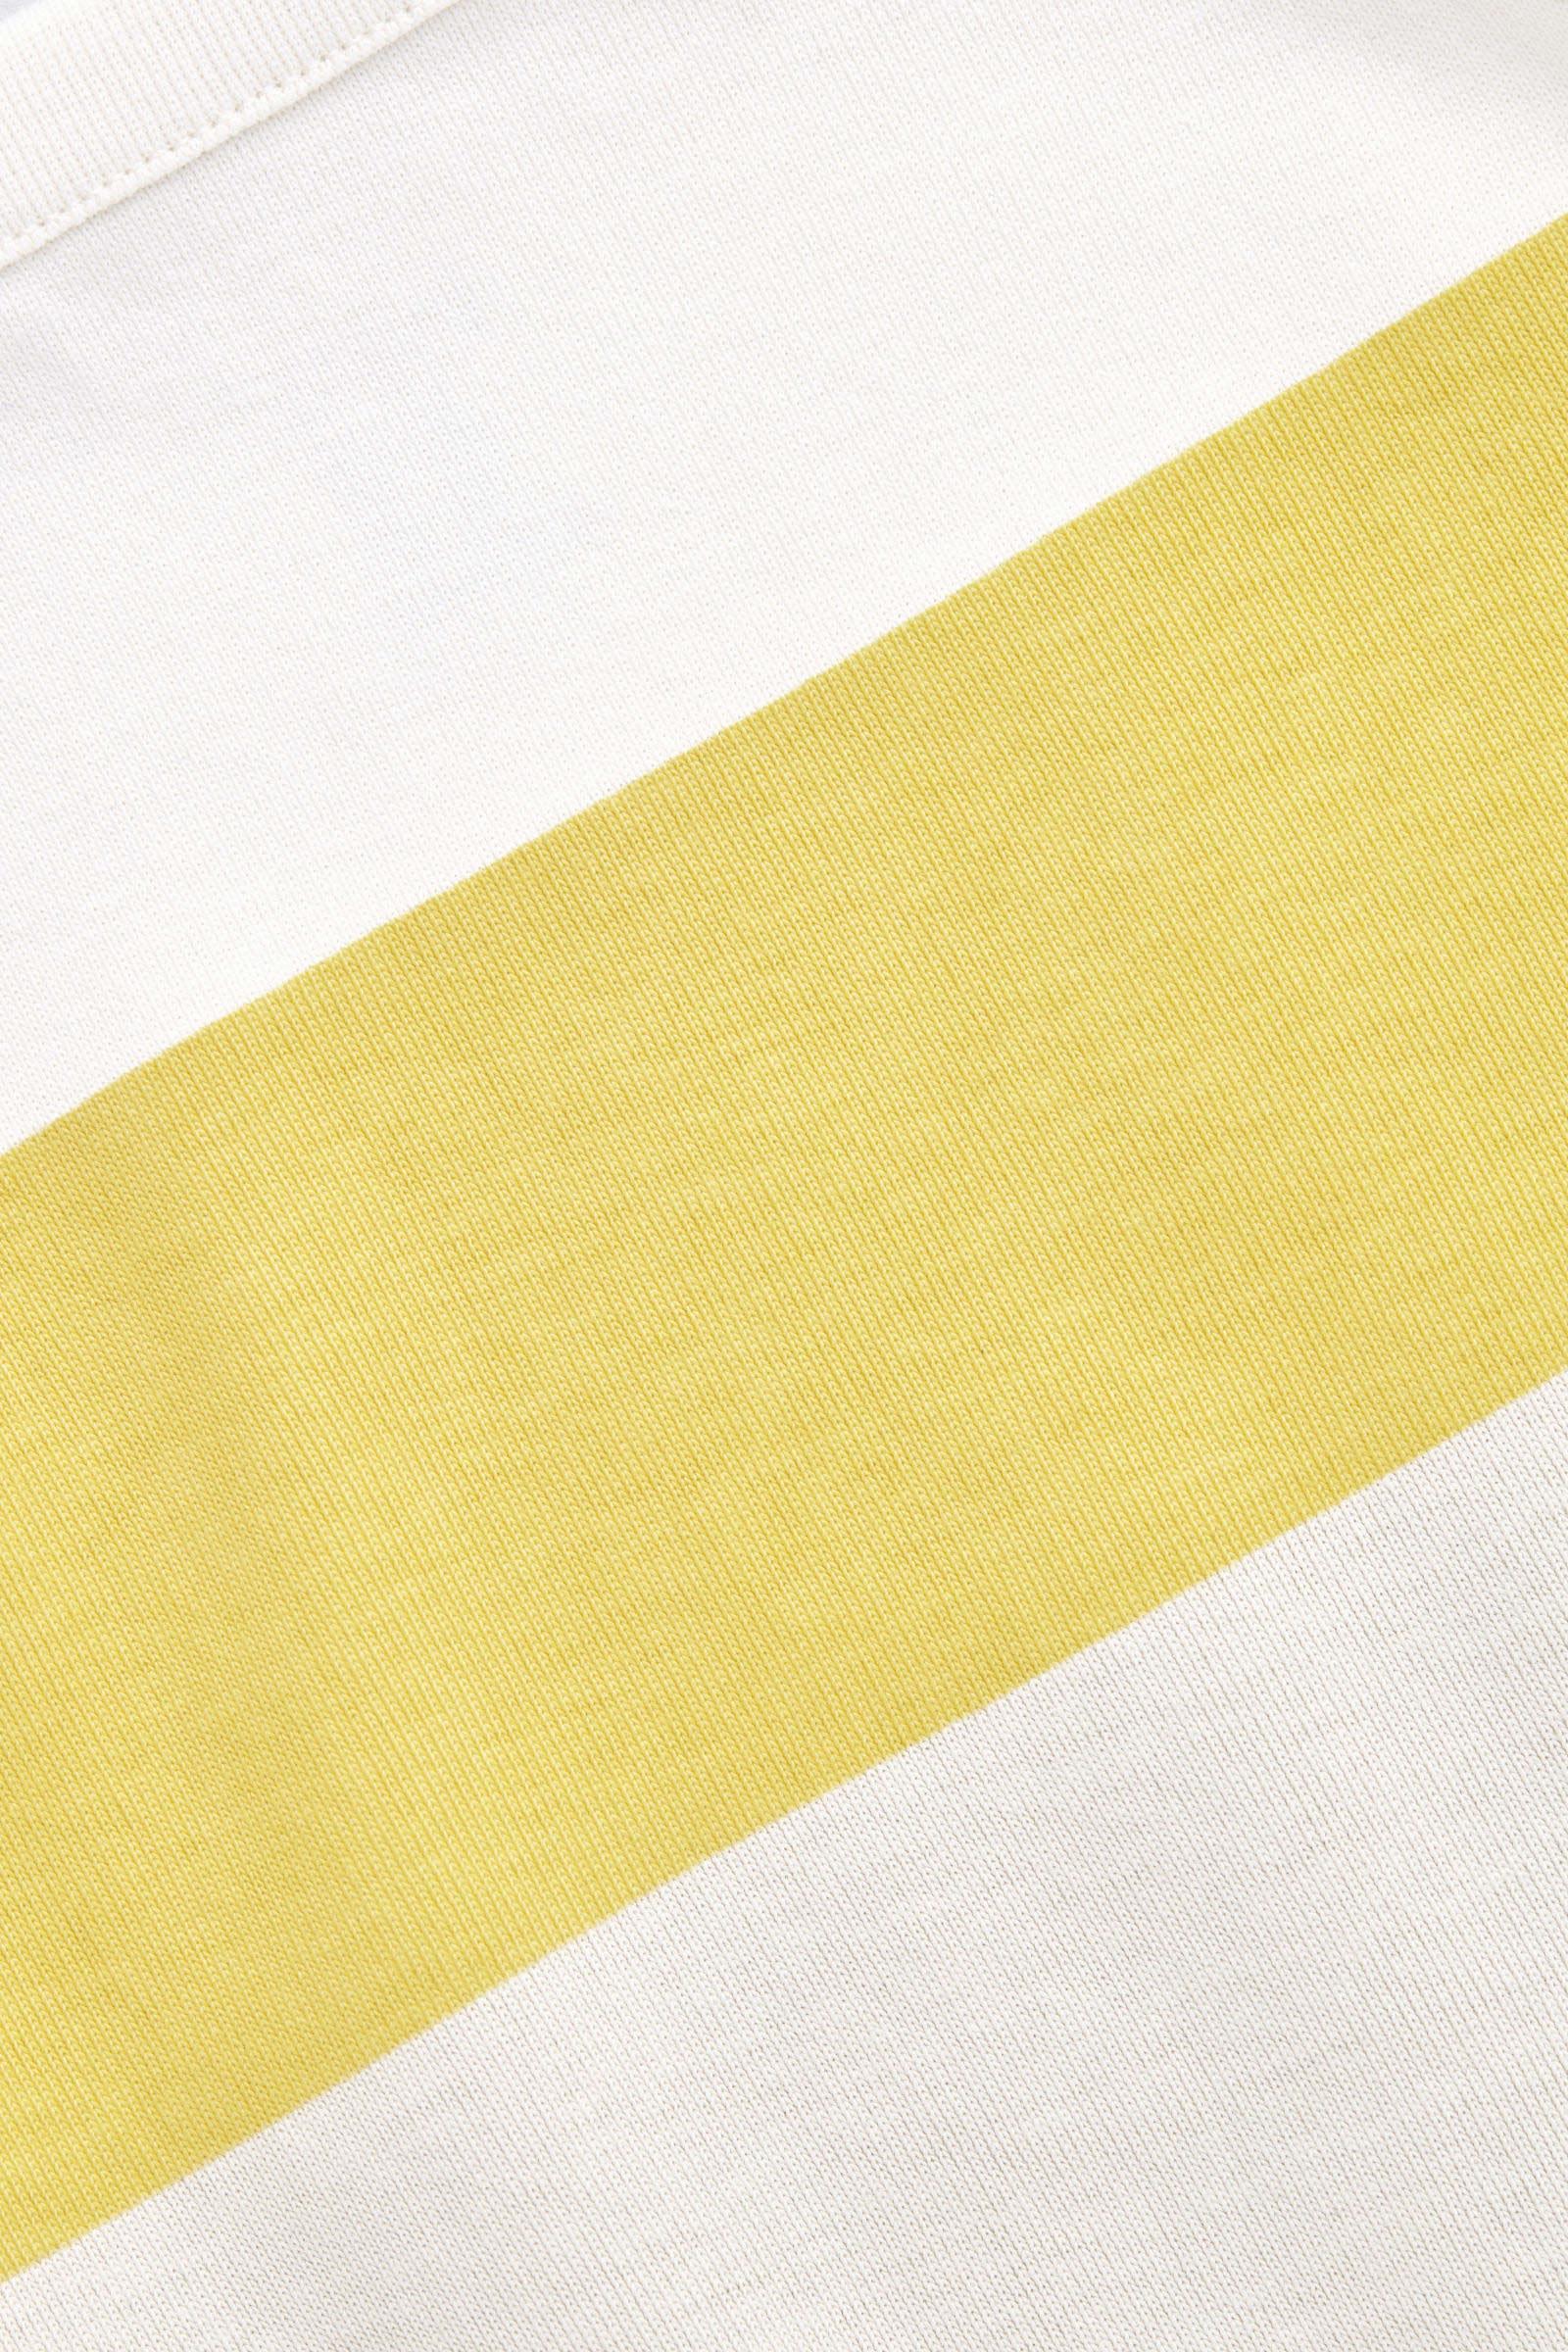 COS 컬러 블록 코튼 베이비 그로우의 크림 / 옐로우 / 베이지컬러 상품컷입니다.